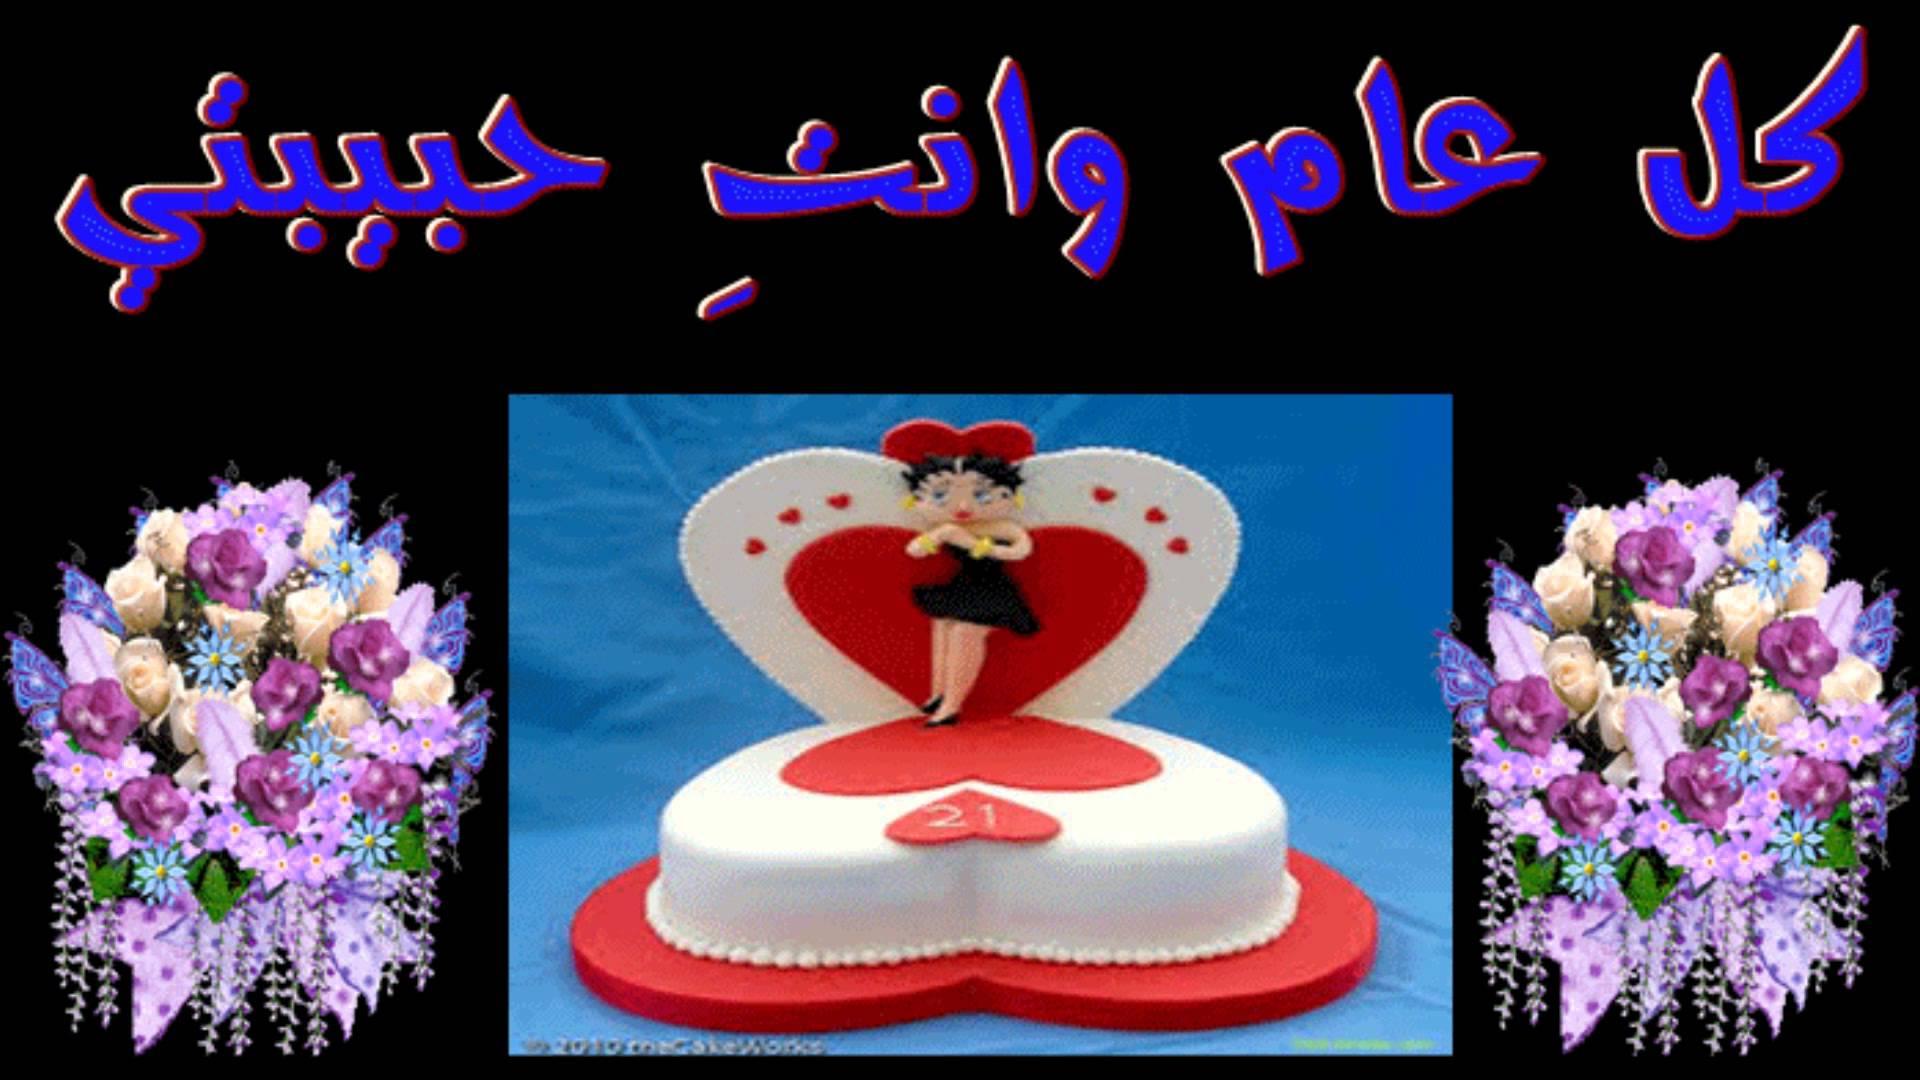 صور عيد ميلاد حبيبي احلى واجمل الصور لاعياد الميلاد للحبيب رمزيات